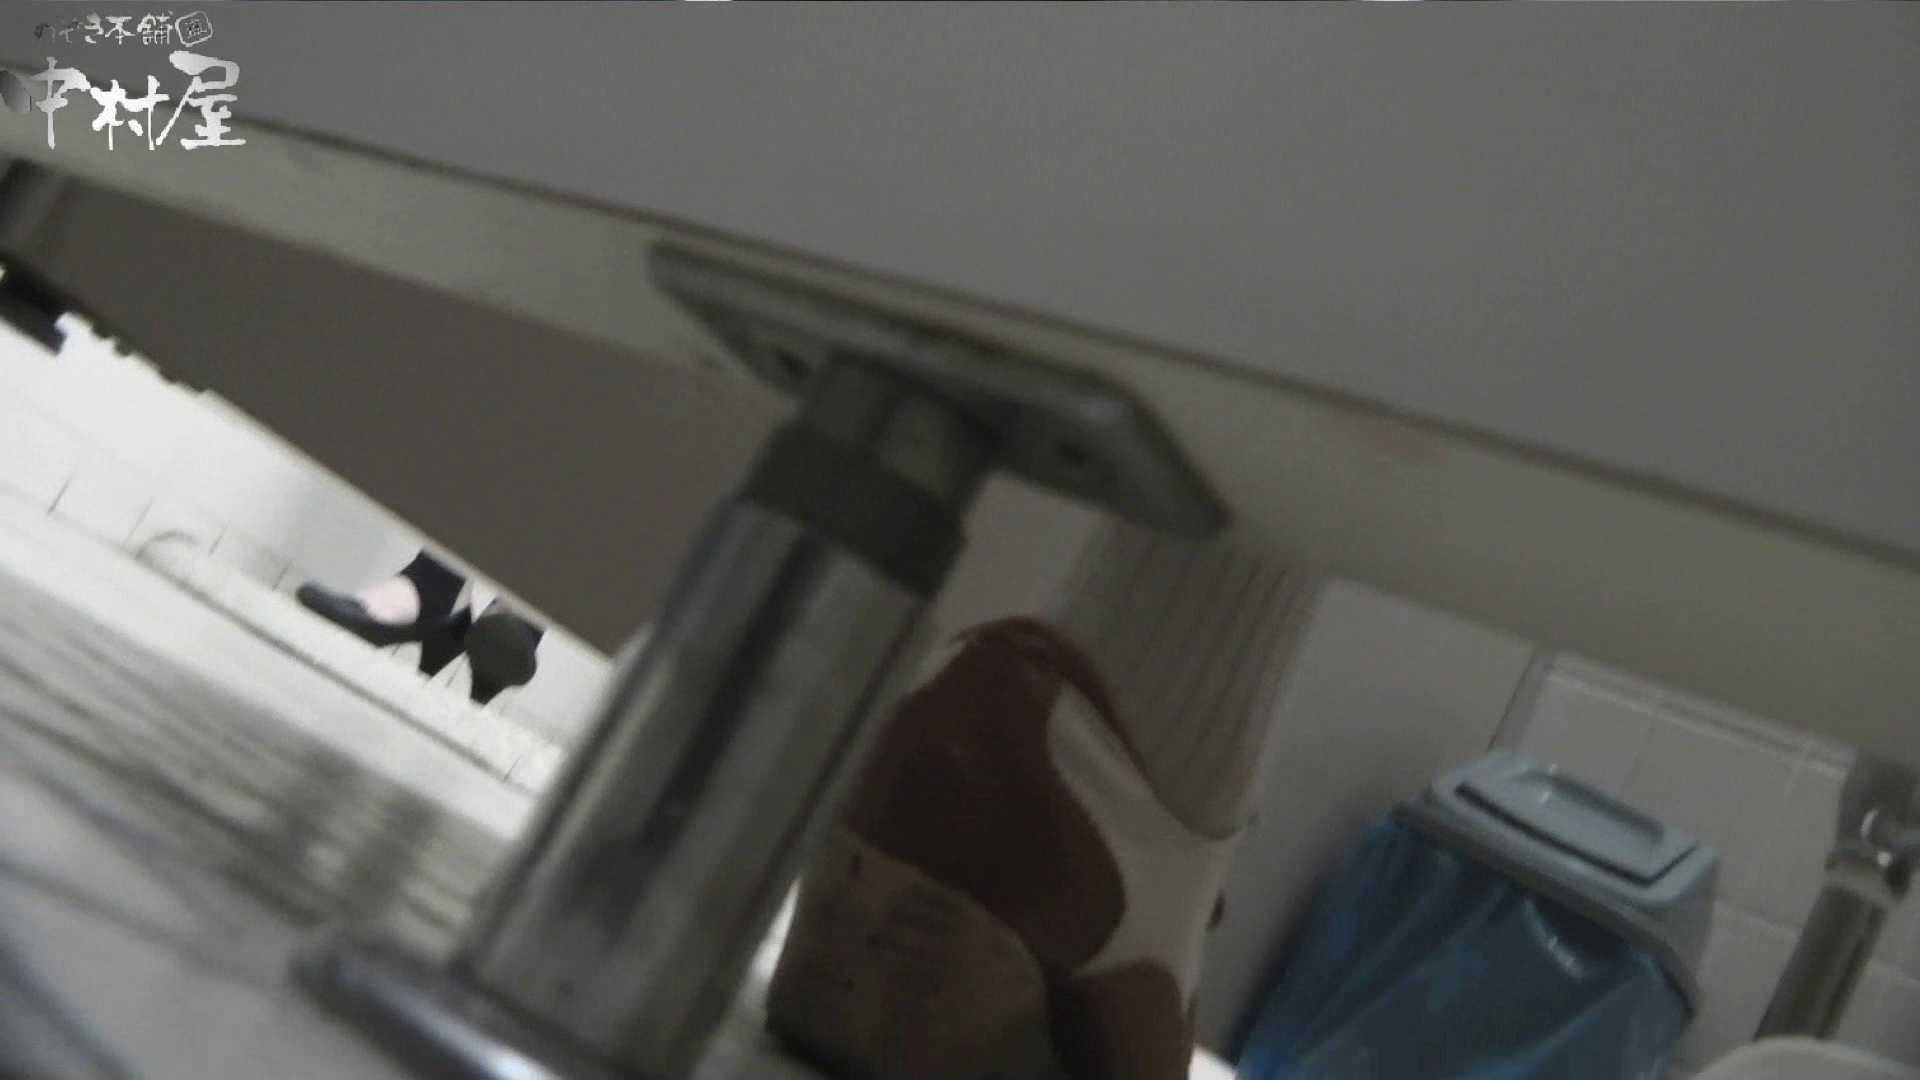 vol.34 命がけ潜伏洗面所! アソコの毛が長髪な件 後編 プライベート | 0  108枚